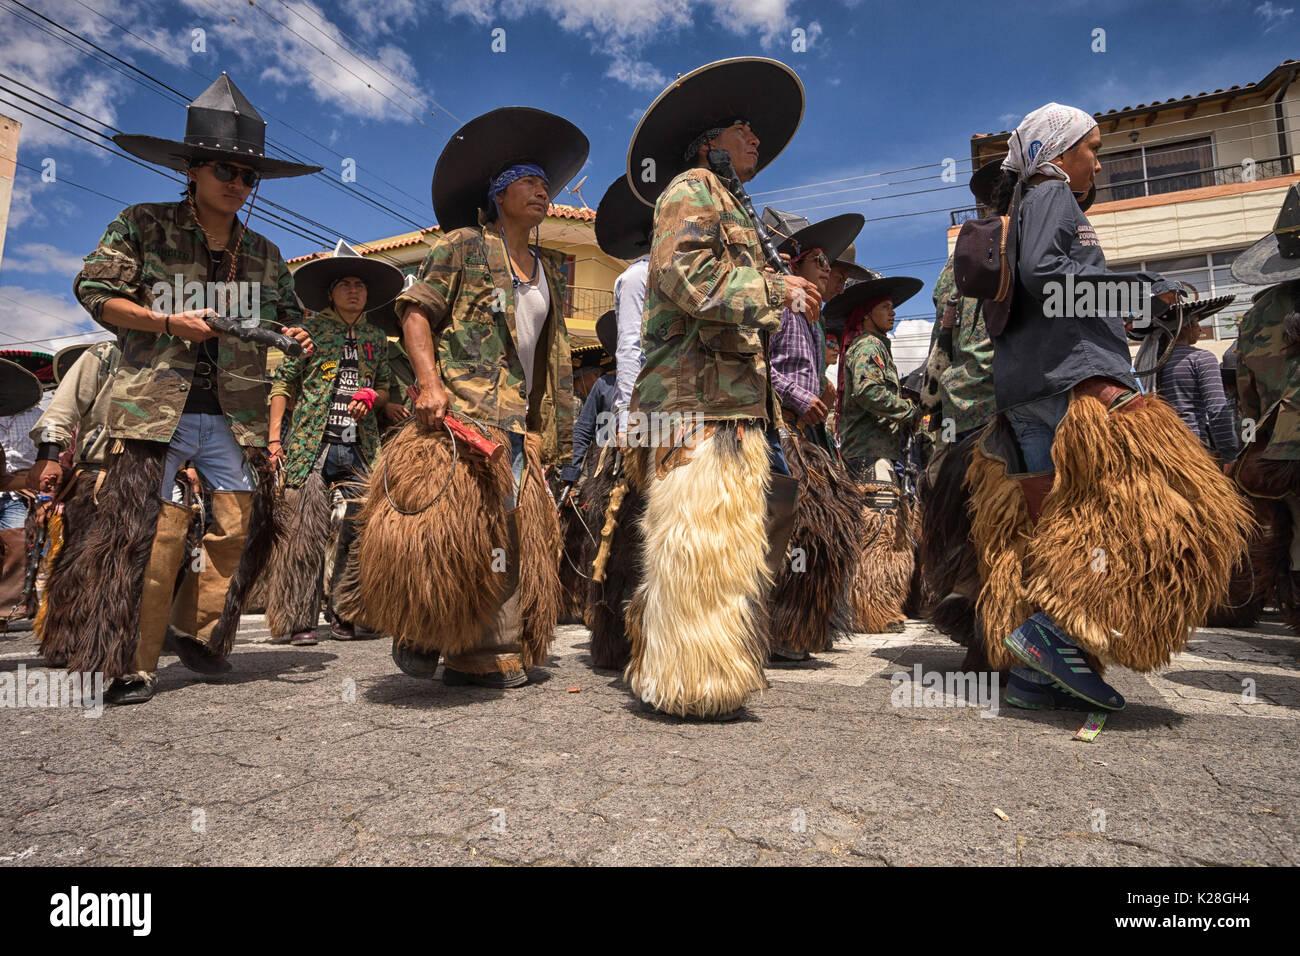 Juni 25, 2017 Cotacachi, Ecuador: Low Angle View von Quechua indigenen Männer tragen Chaps bei Inti Raymi Fest Stockbild